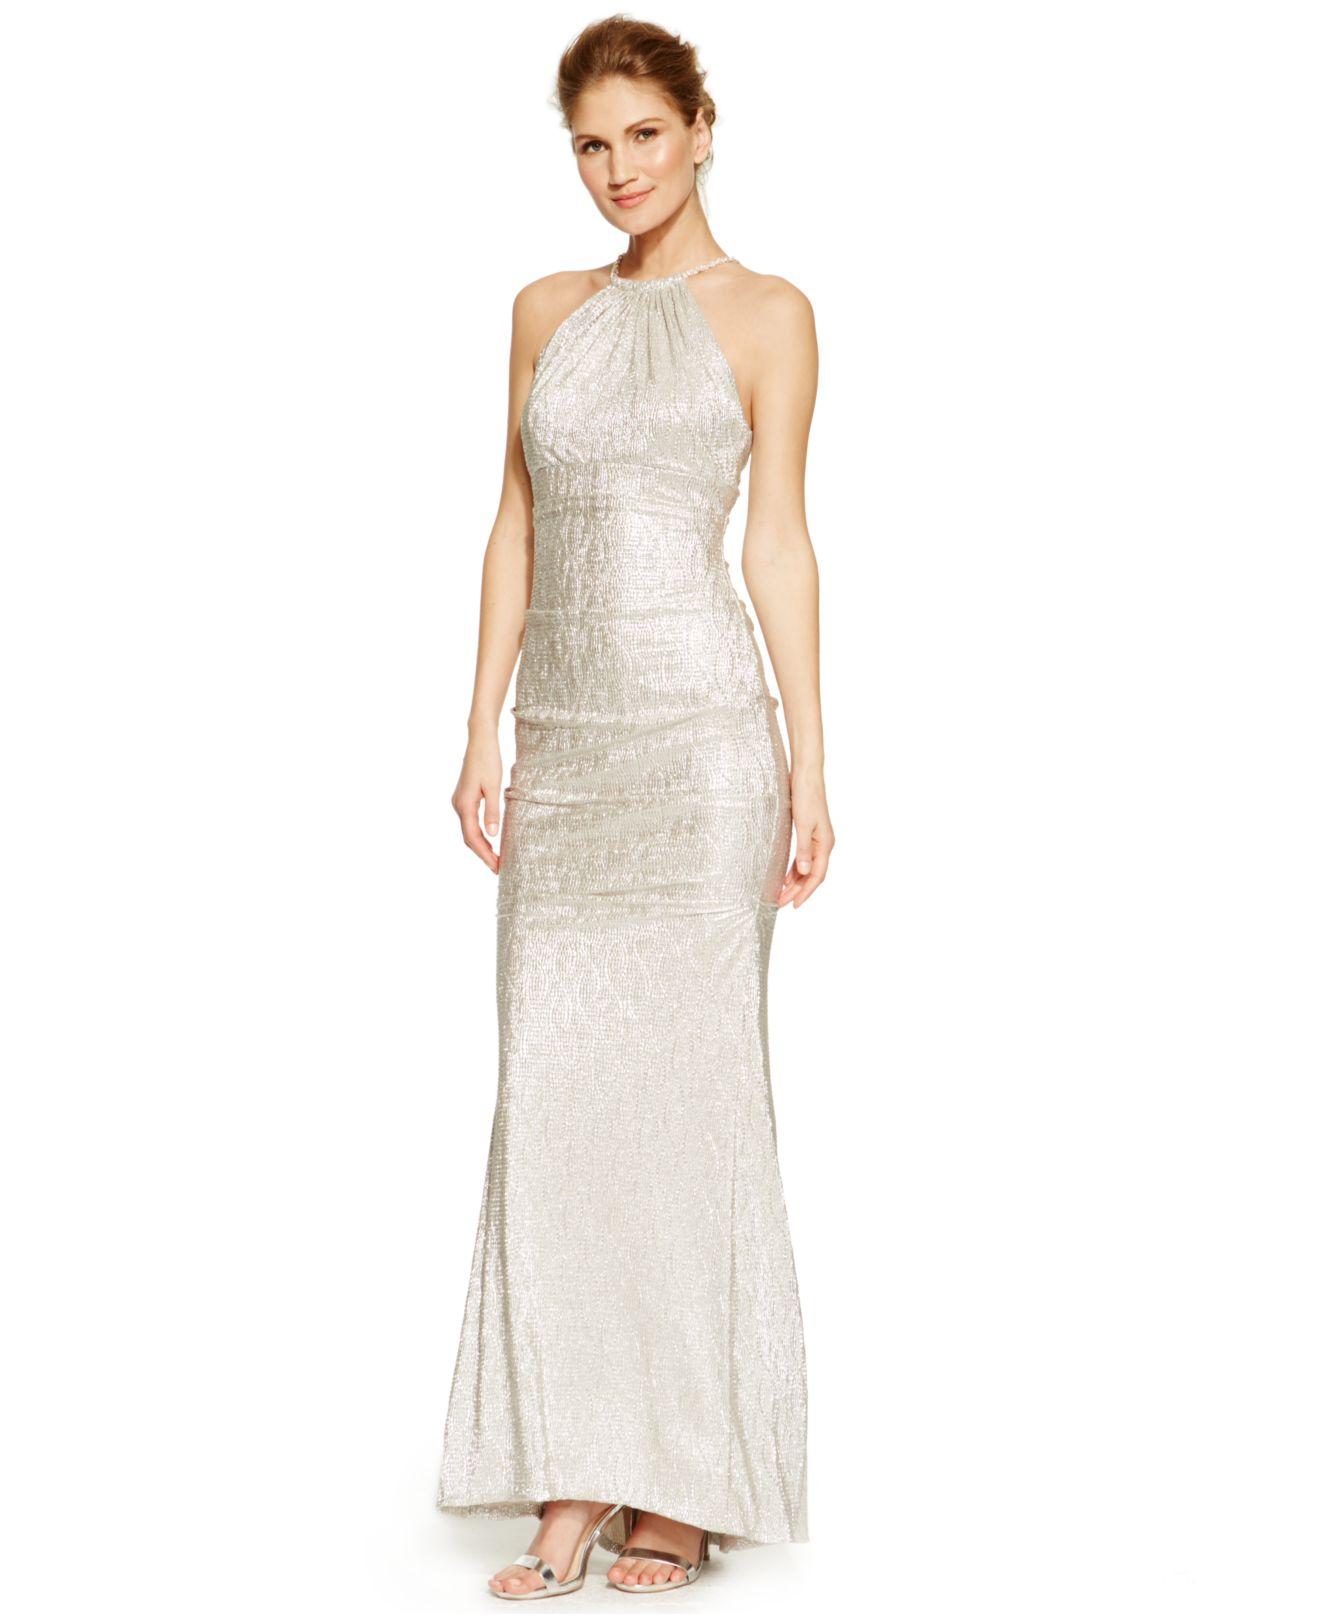 Xscape Dresses Gold | Dress images